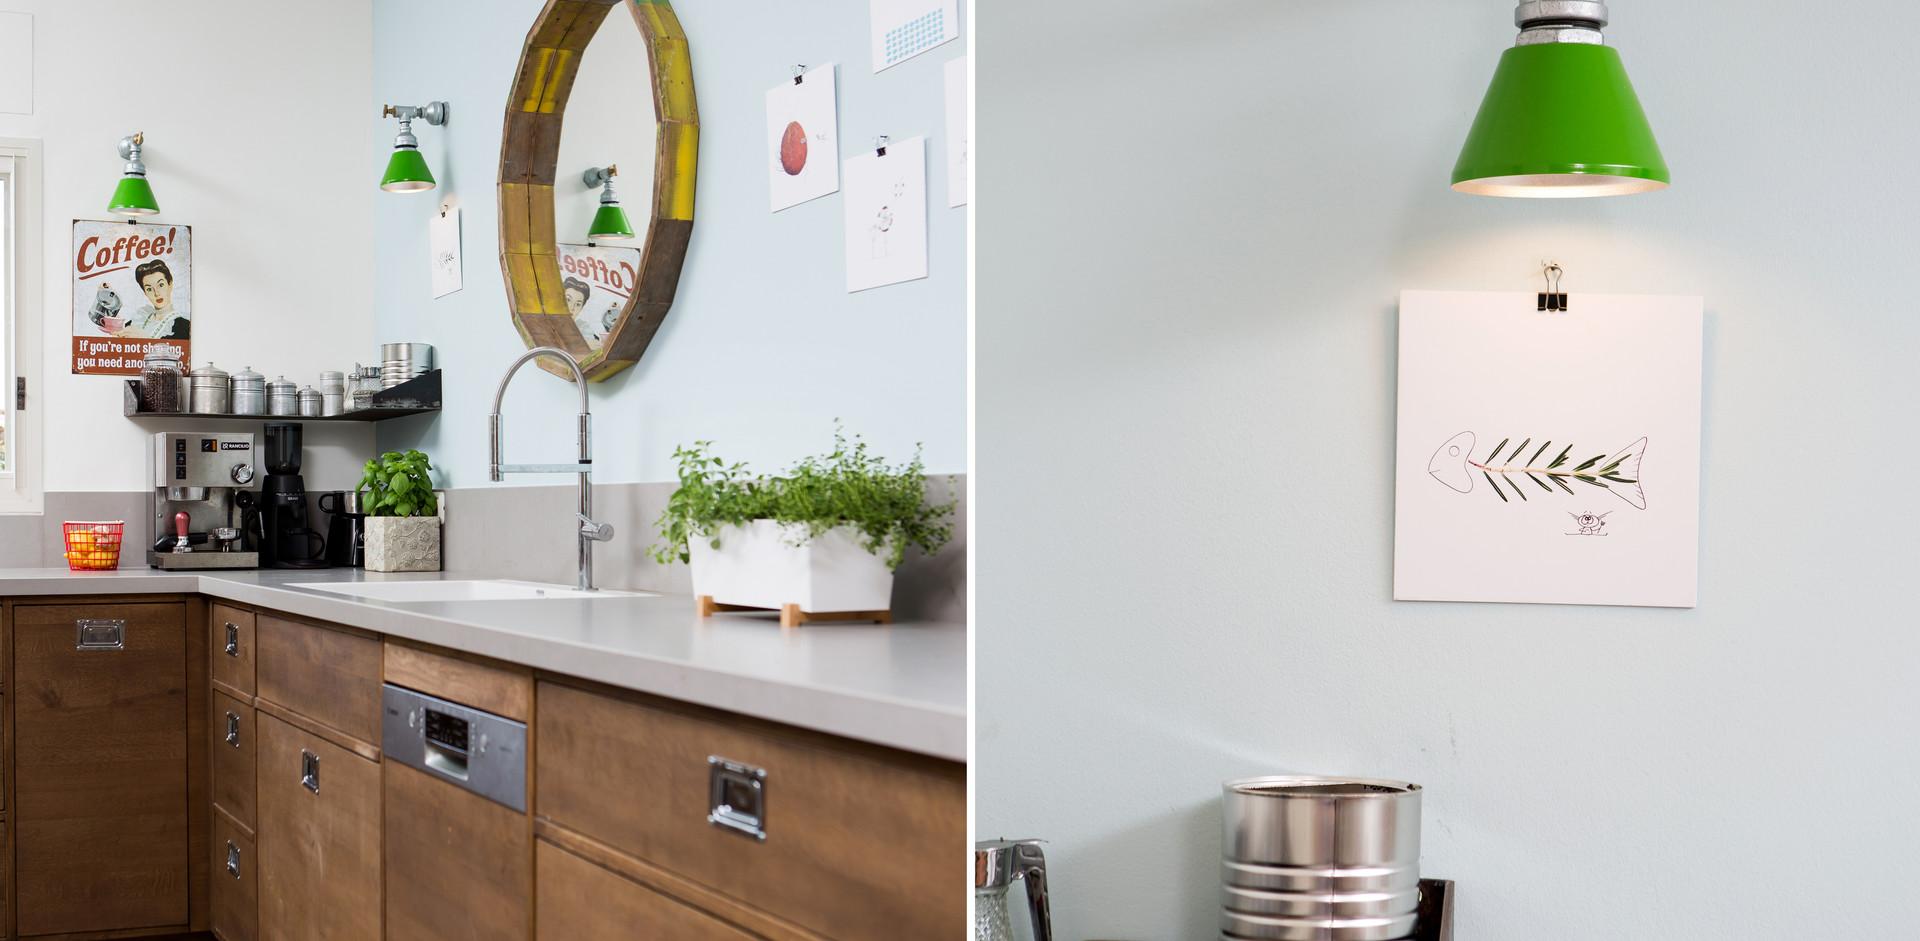 גם תאורה הותאמה לרוח המטבח